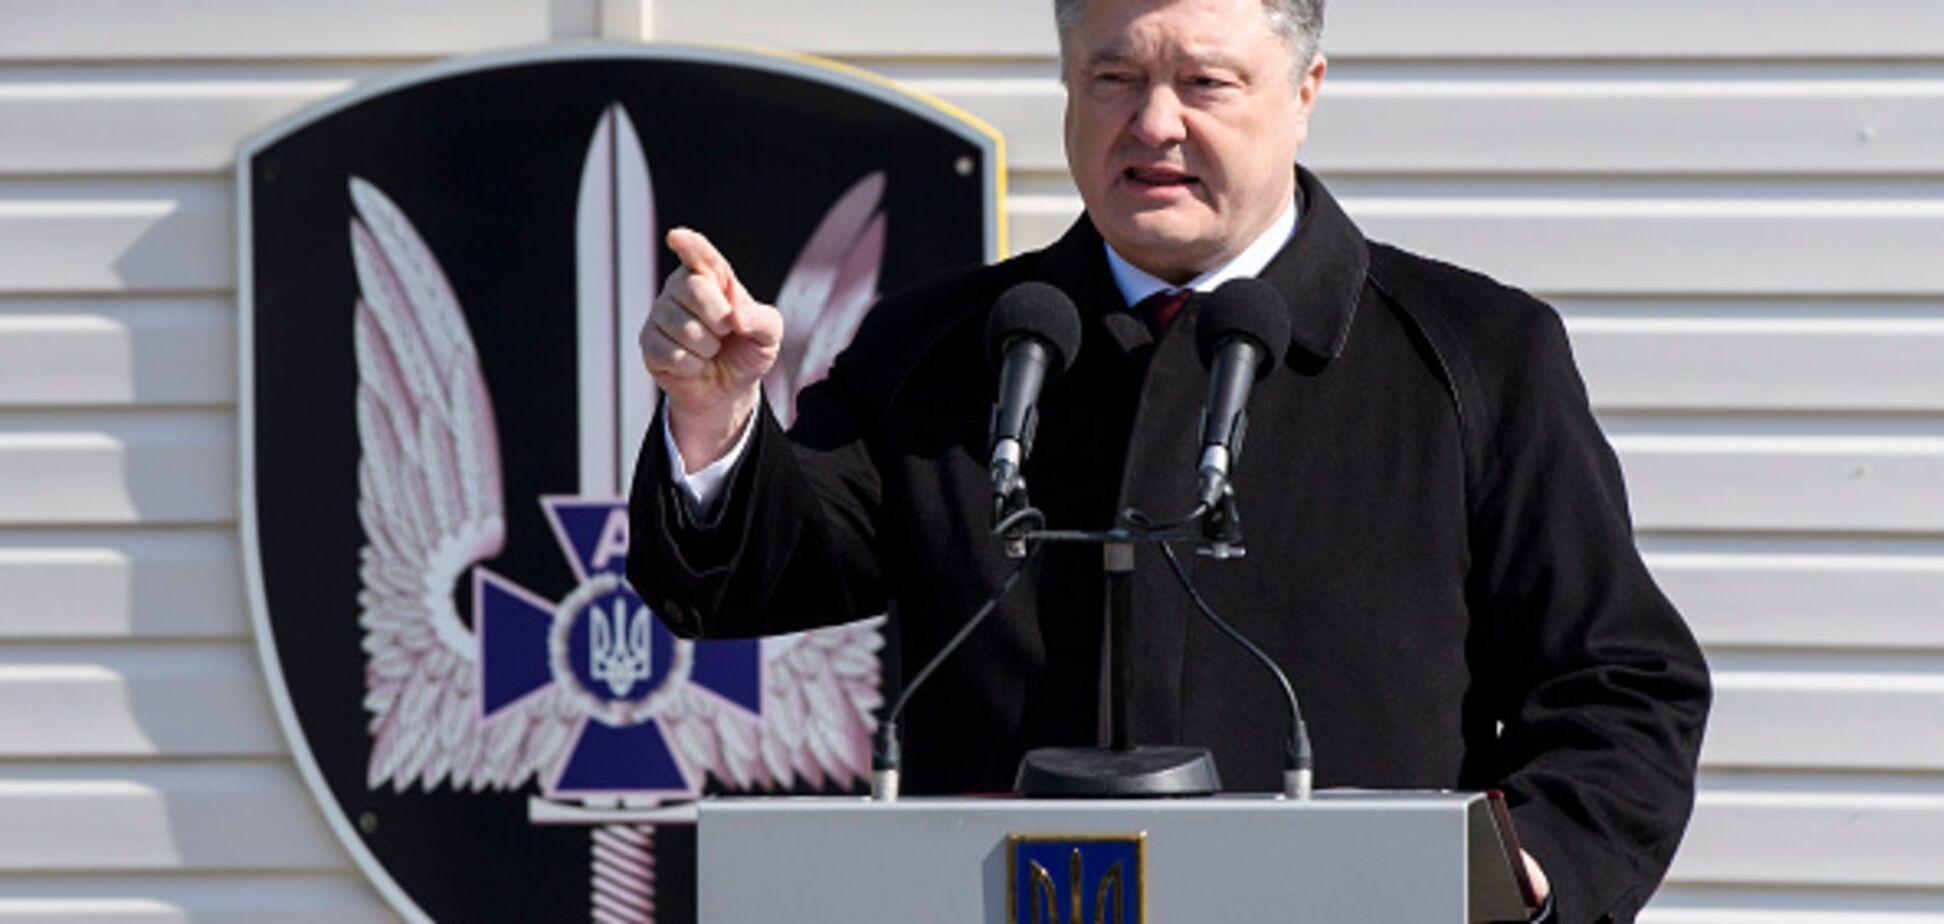 'Діють підступно': Порошенко заявив про російську атаку на Закарпатті